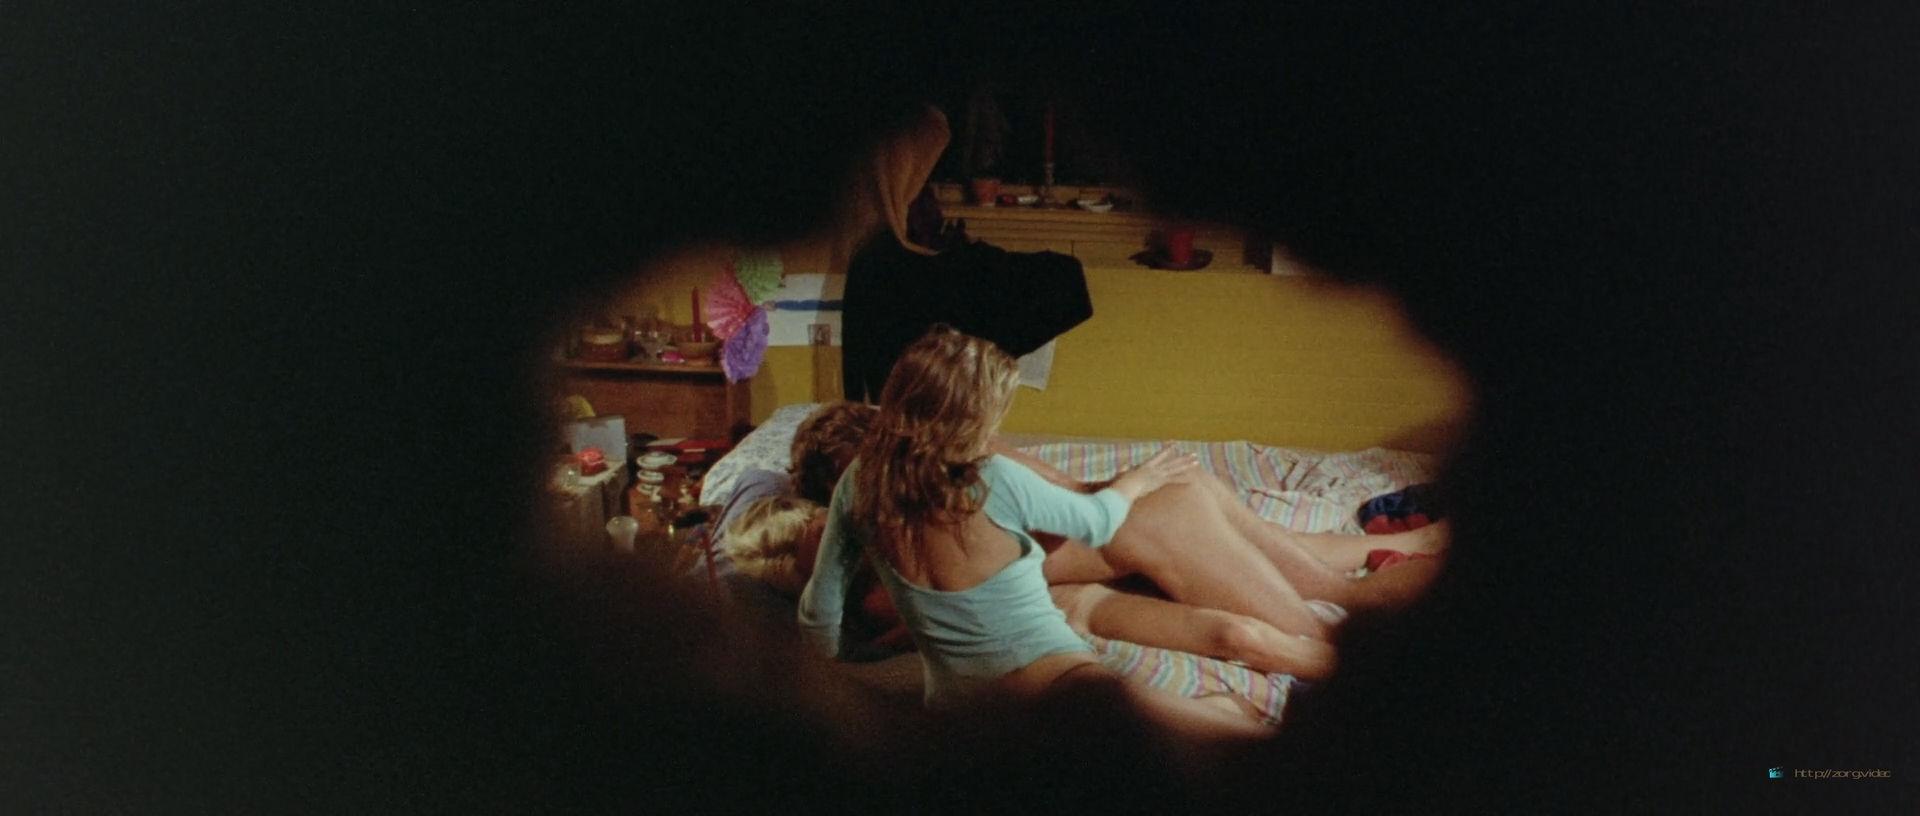 Marja de Heer nude full frontal others nude too - Mijn Nachten met Susan, Olga, Albert, Julie, Piet & Sandra (NL-1975) HD 1080p (18)